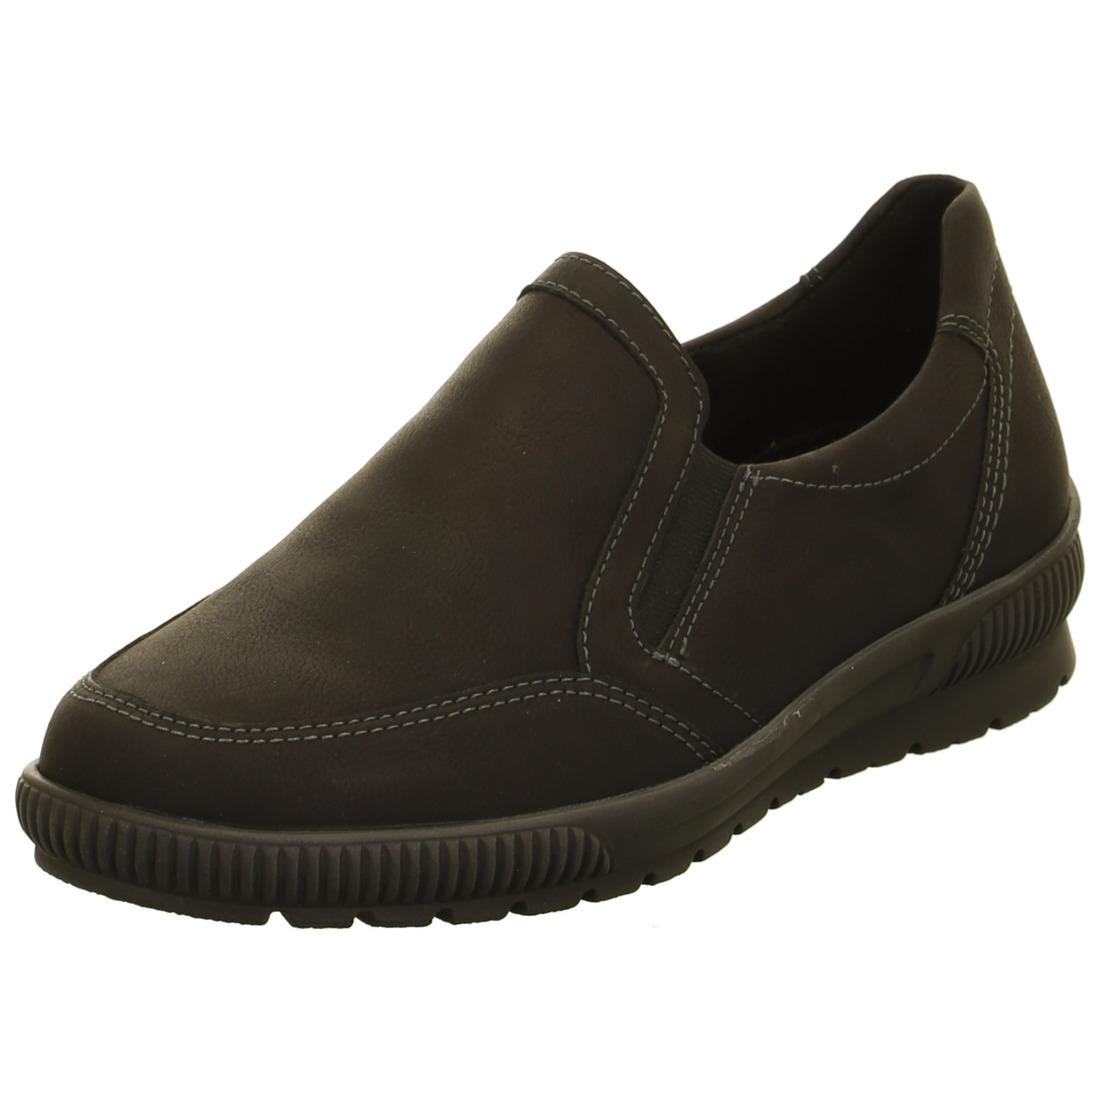 05dae6ad7a3c ARA - Poltopánky - Dámska obuv členková značky Jenny